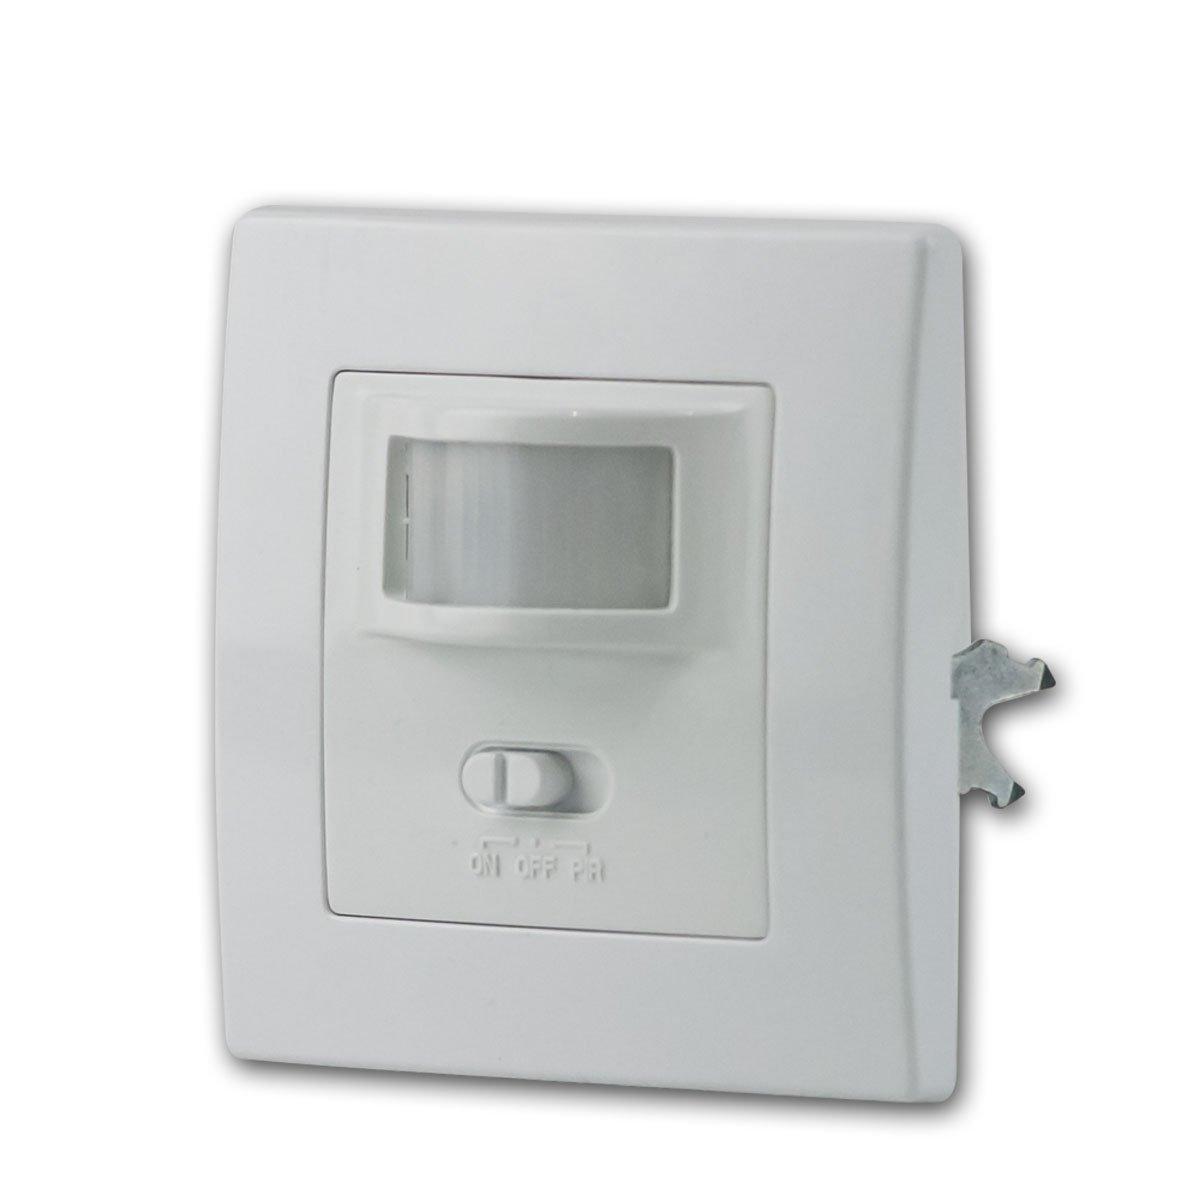 Chilitec 21251 Unterputz PIR-Bewegungsmelder 160° LED geeignet, 2 ...